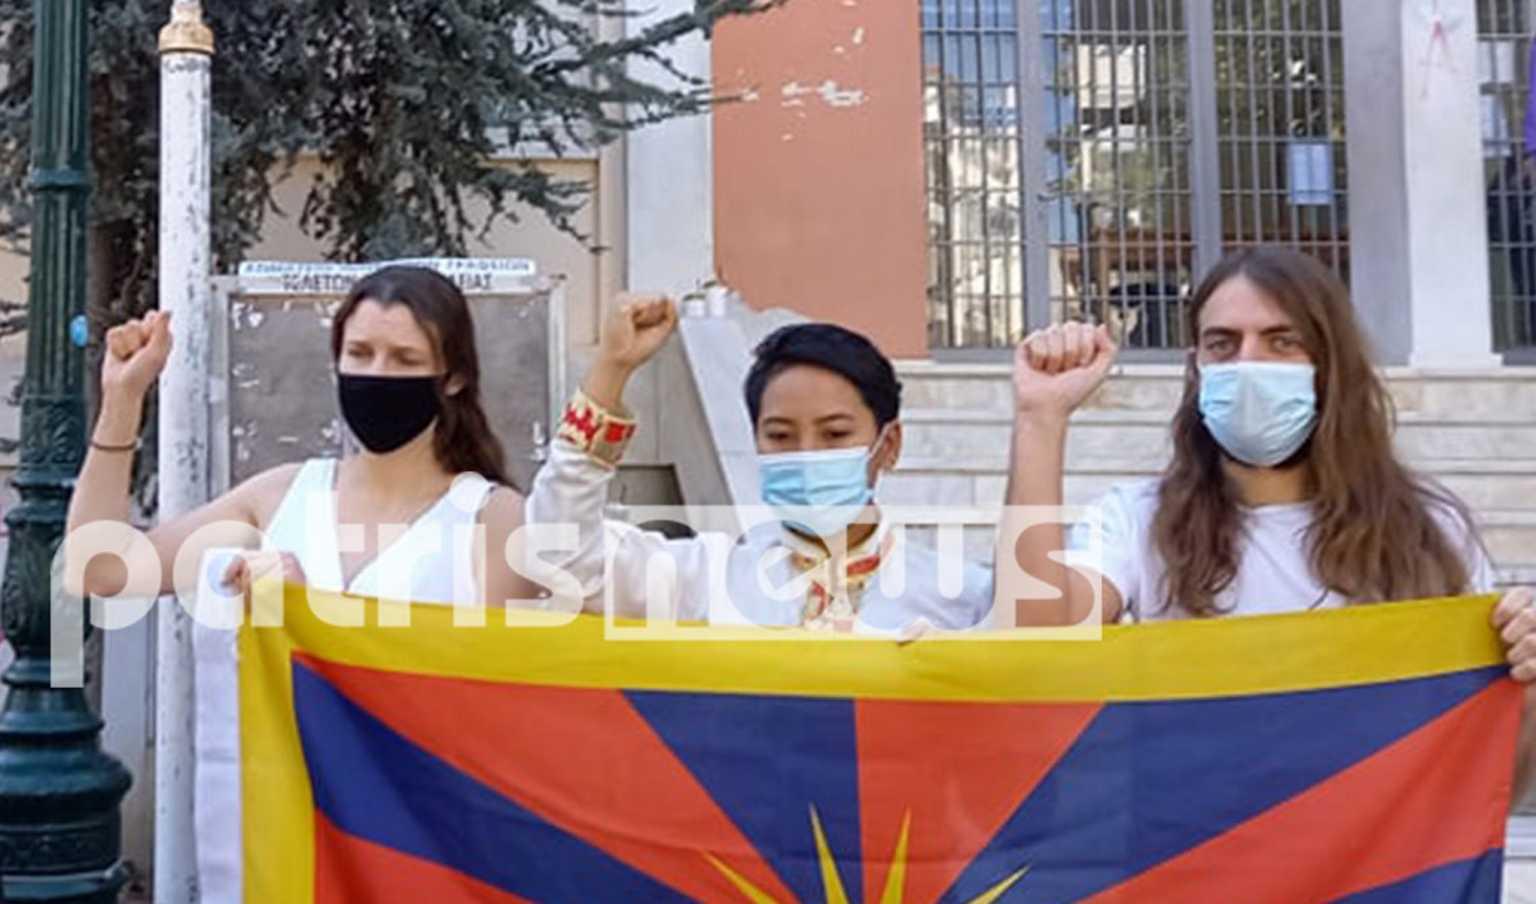 Αρχαία Ολυμπία: Με σημαία του Θιβέτ στα δικαστήρια οι τρεις ακτιβιστές